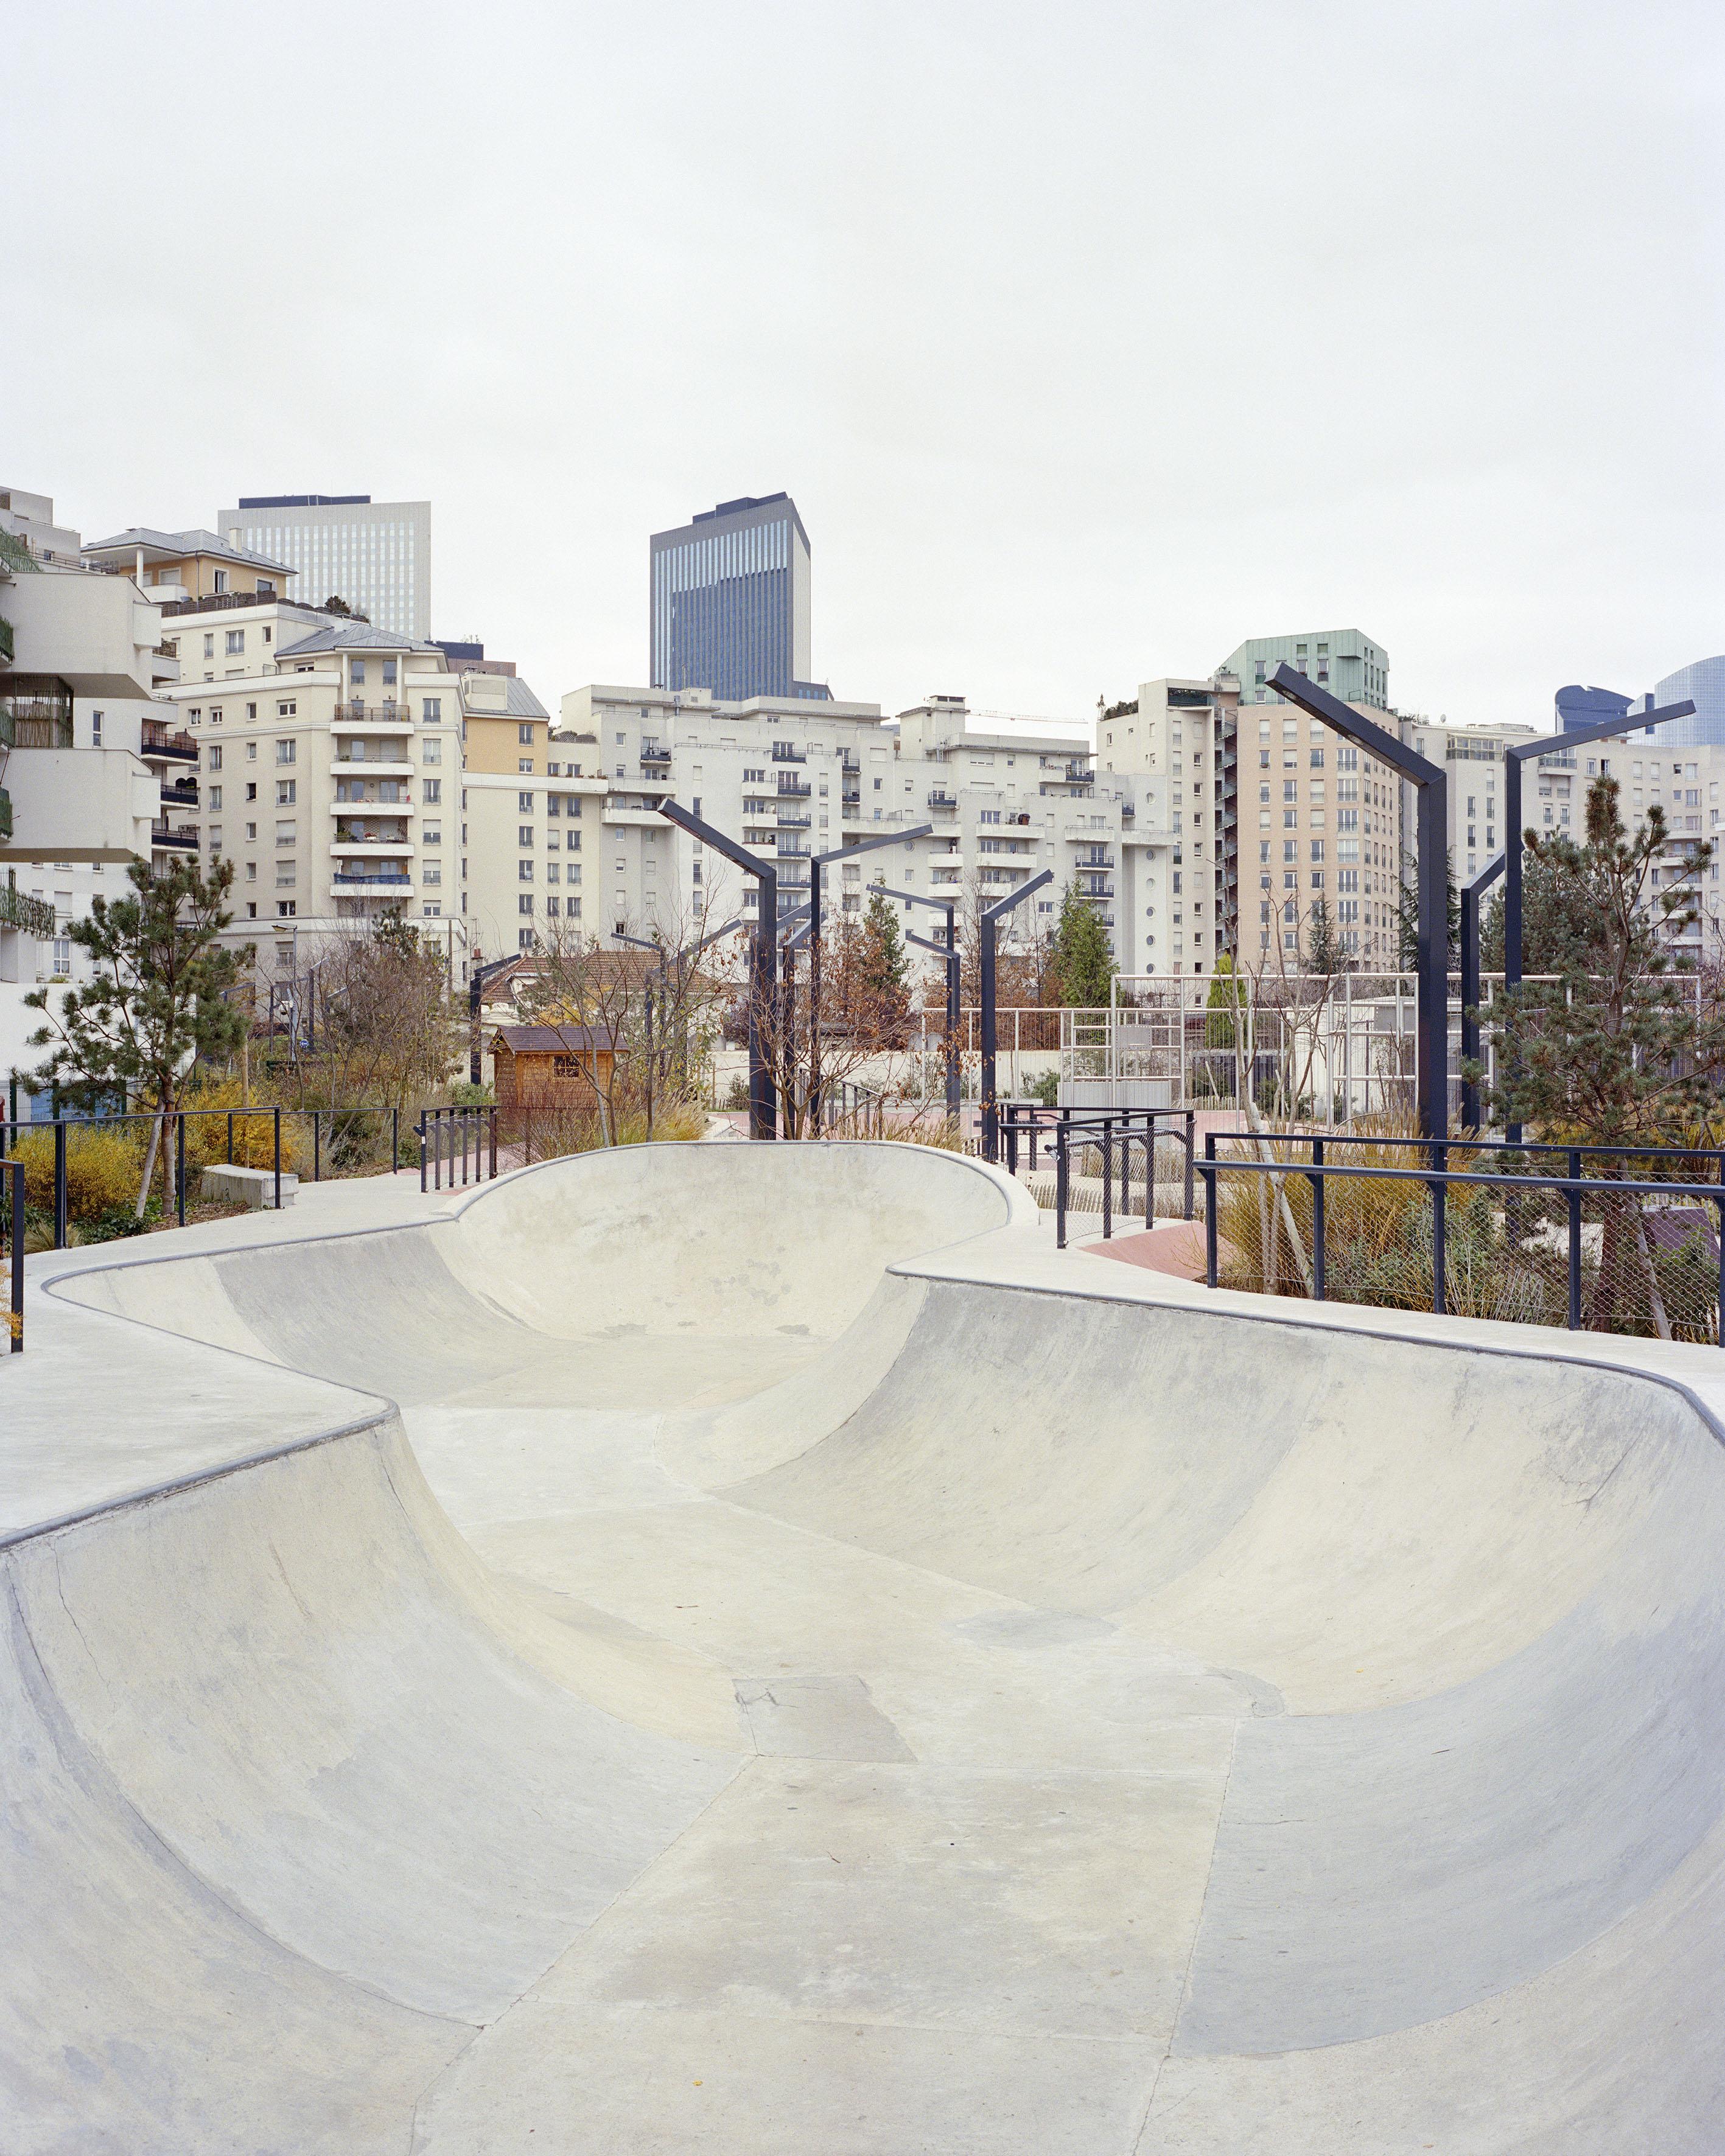 Skatepark, Courbevoie. Commande photographique de la villa Noailles - Photo Stéphane Ruchaud, 2016